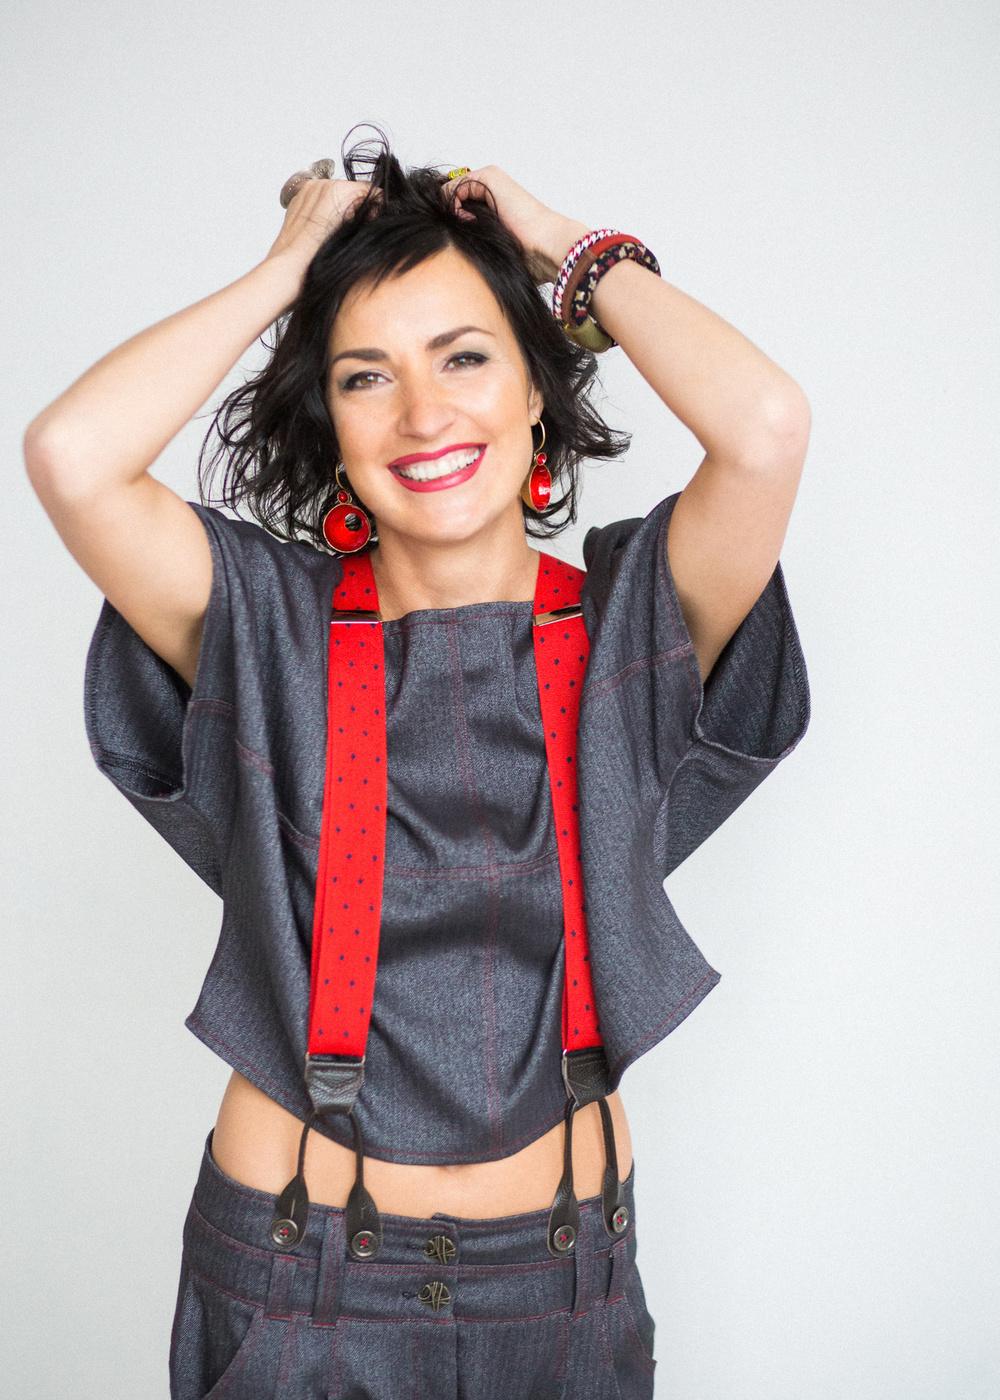 Лена Рузова. Шляпки, серьги, подтяжки, страсть и жизнь-жизнь-жизнь!)